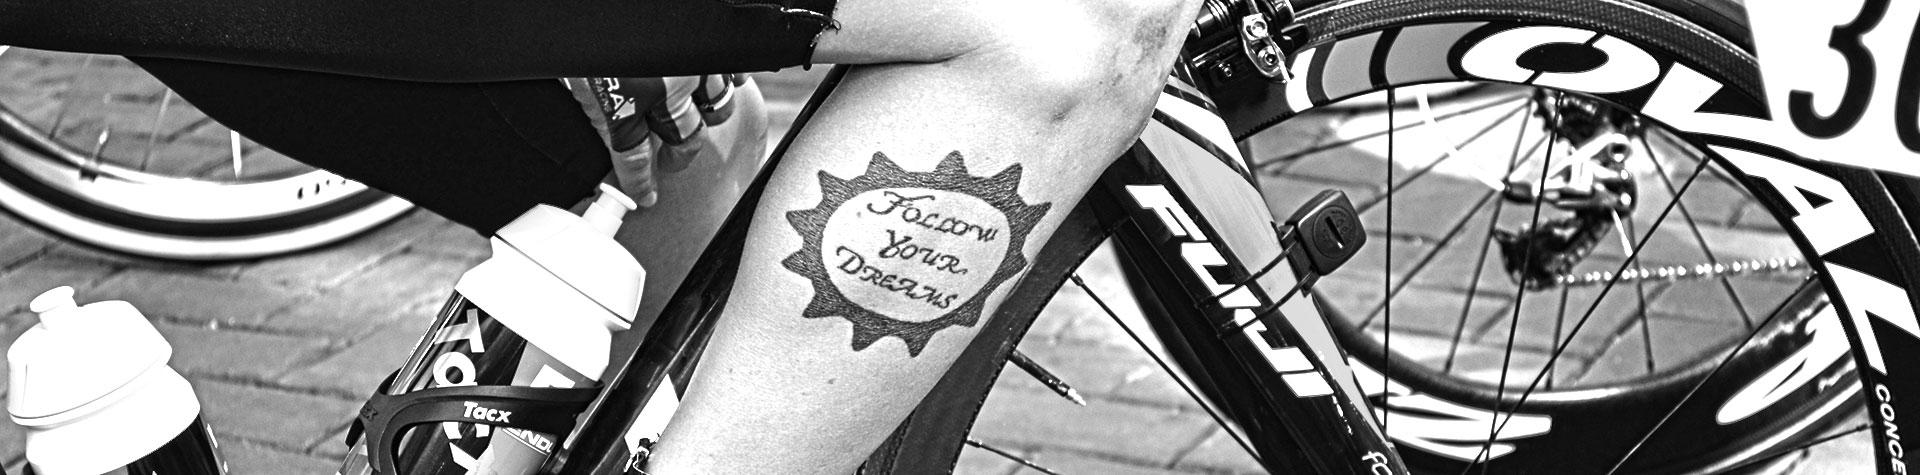 10 stijlvolle fietstattoos voor wielrenners en mountainbikers